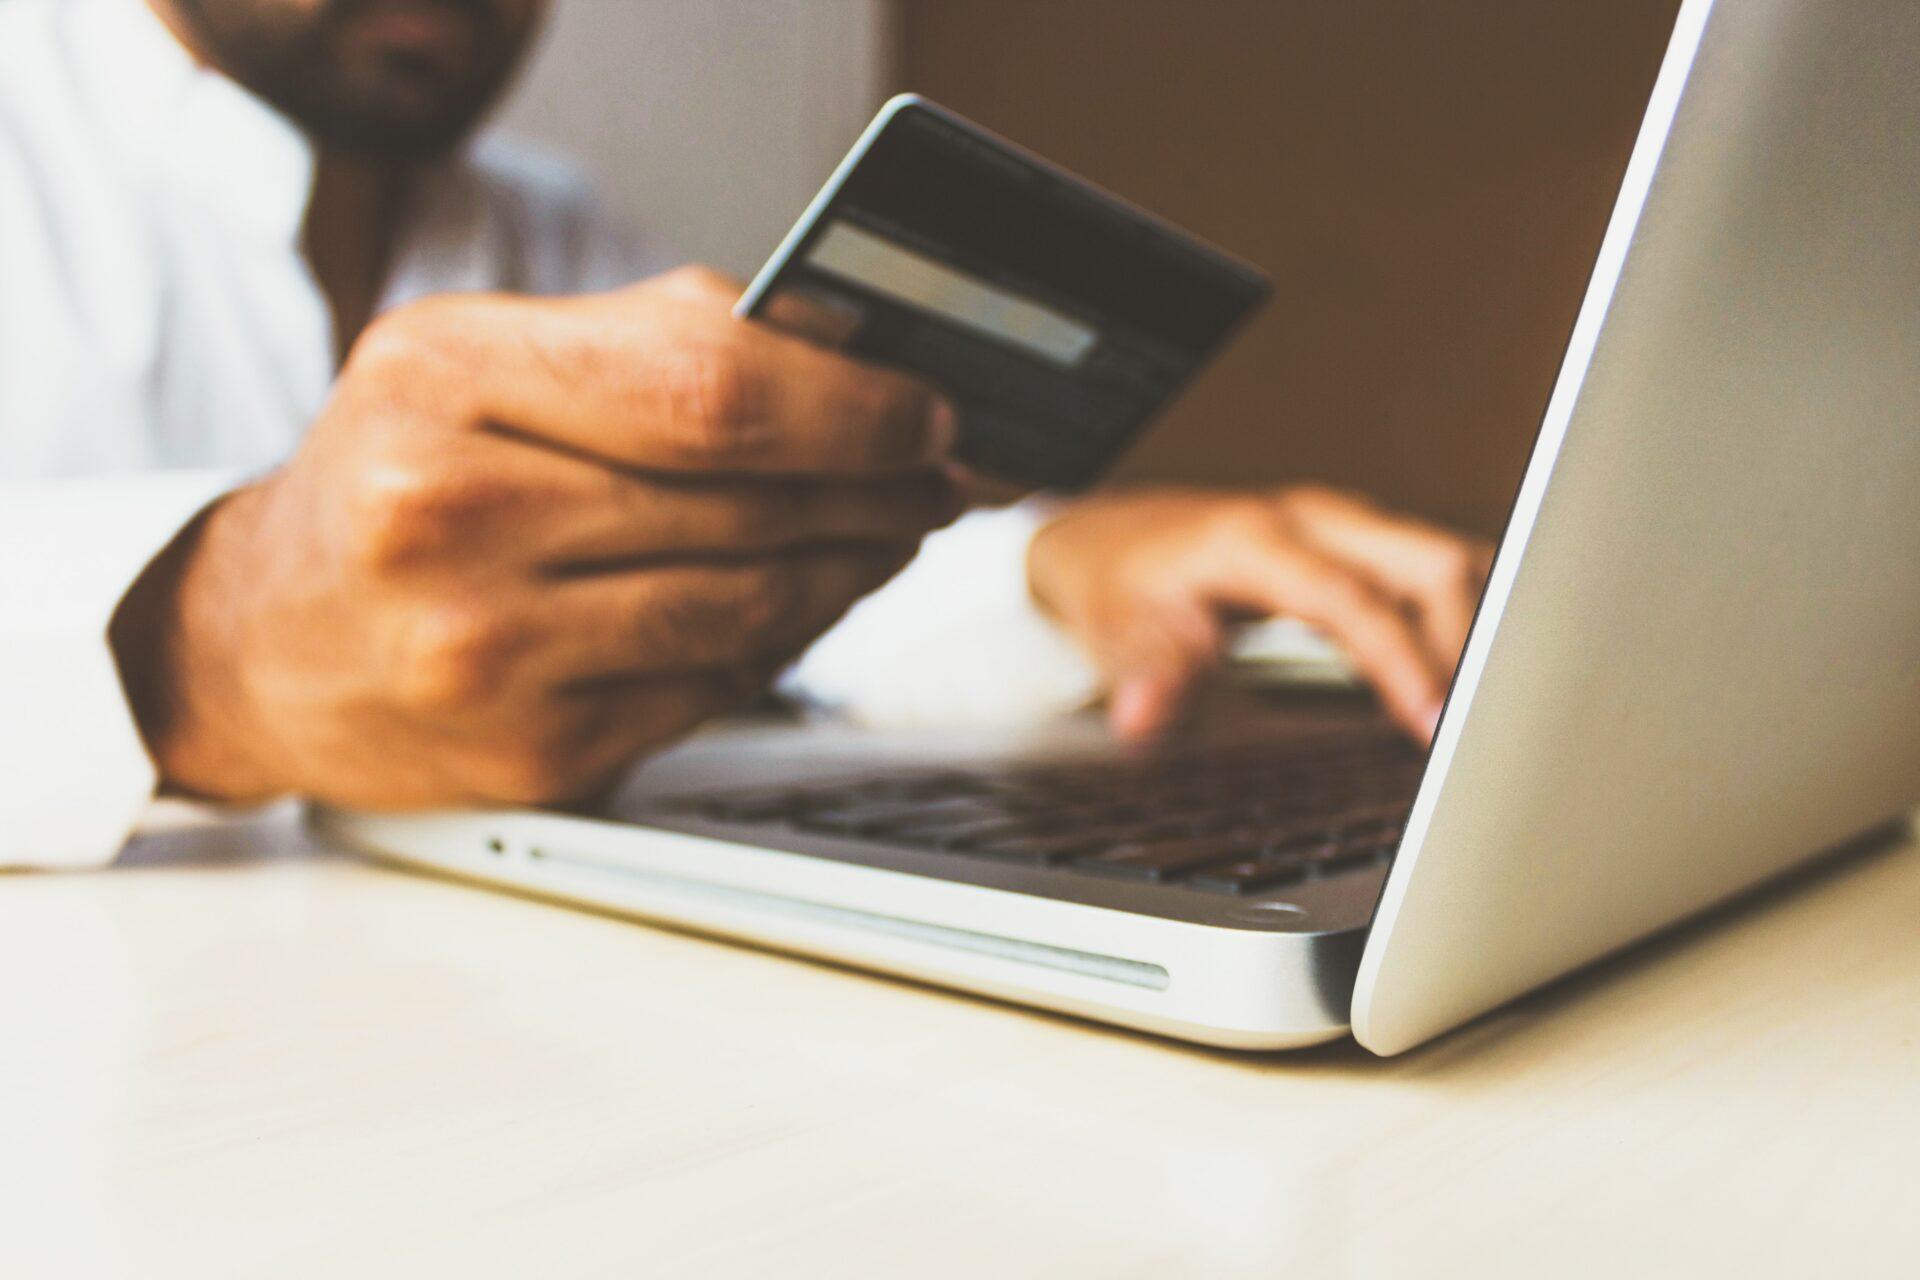 homme achetant en ligne grâce à sa carte de crédit depuis un ordinateur